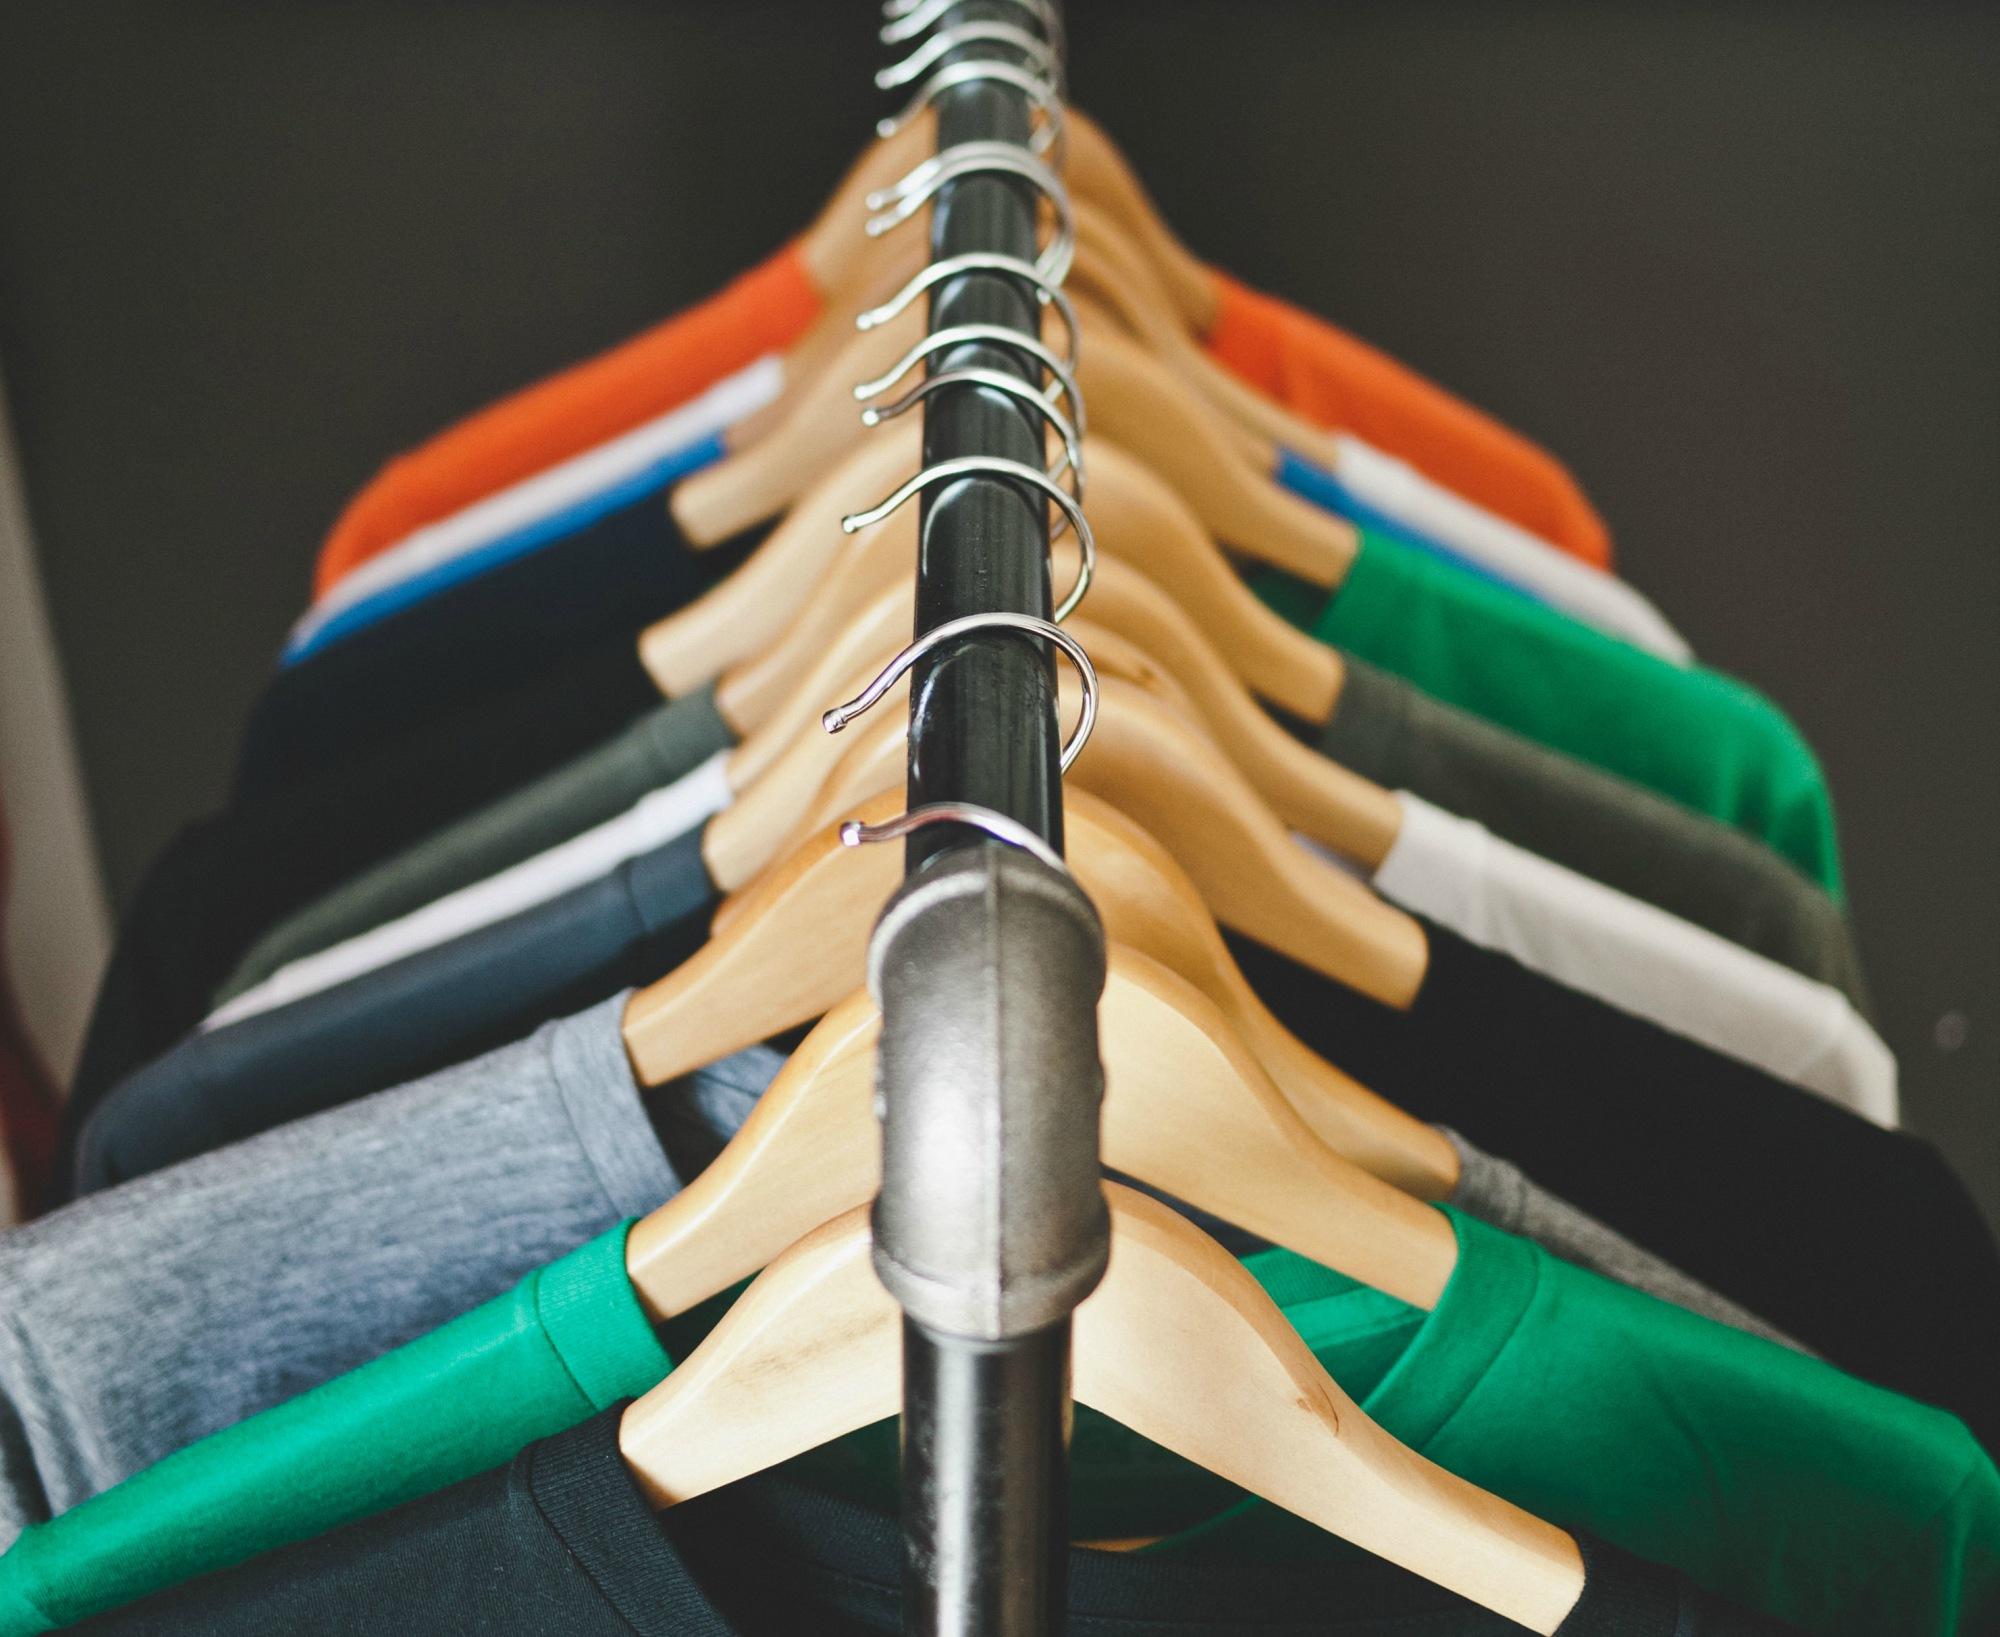 Ccnl Tessile Abbigliamento Sottoscritto L Accordo Di